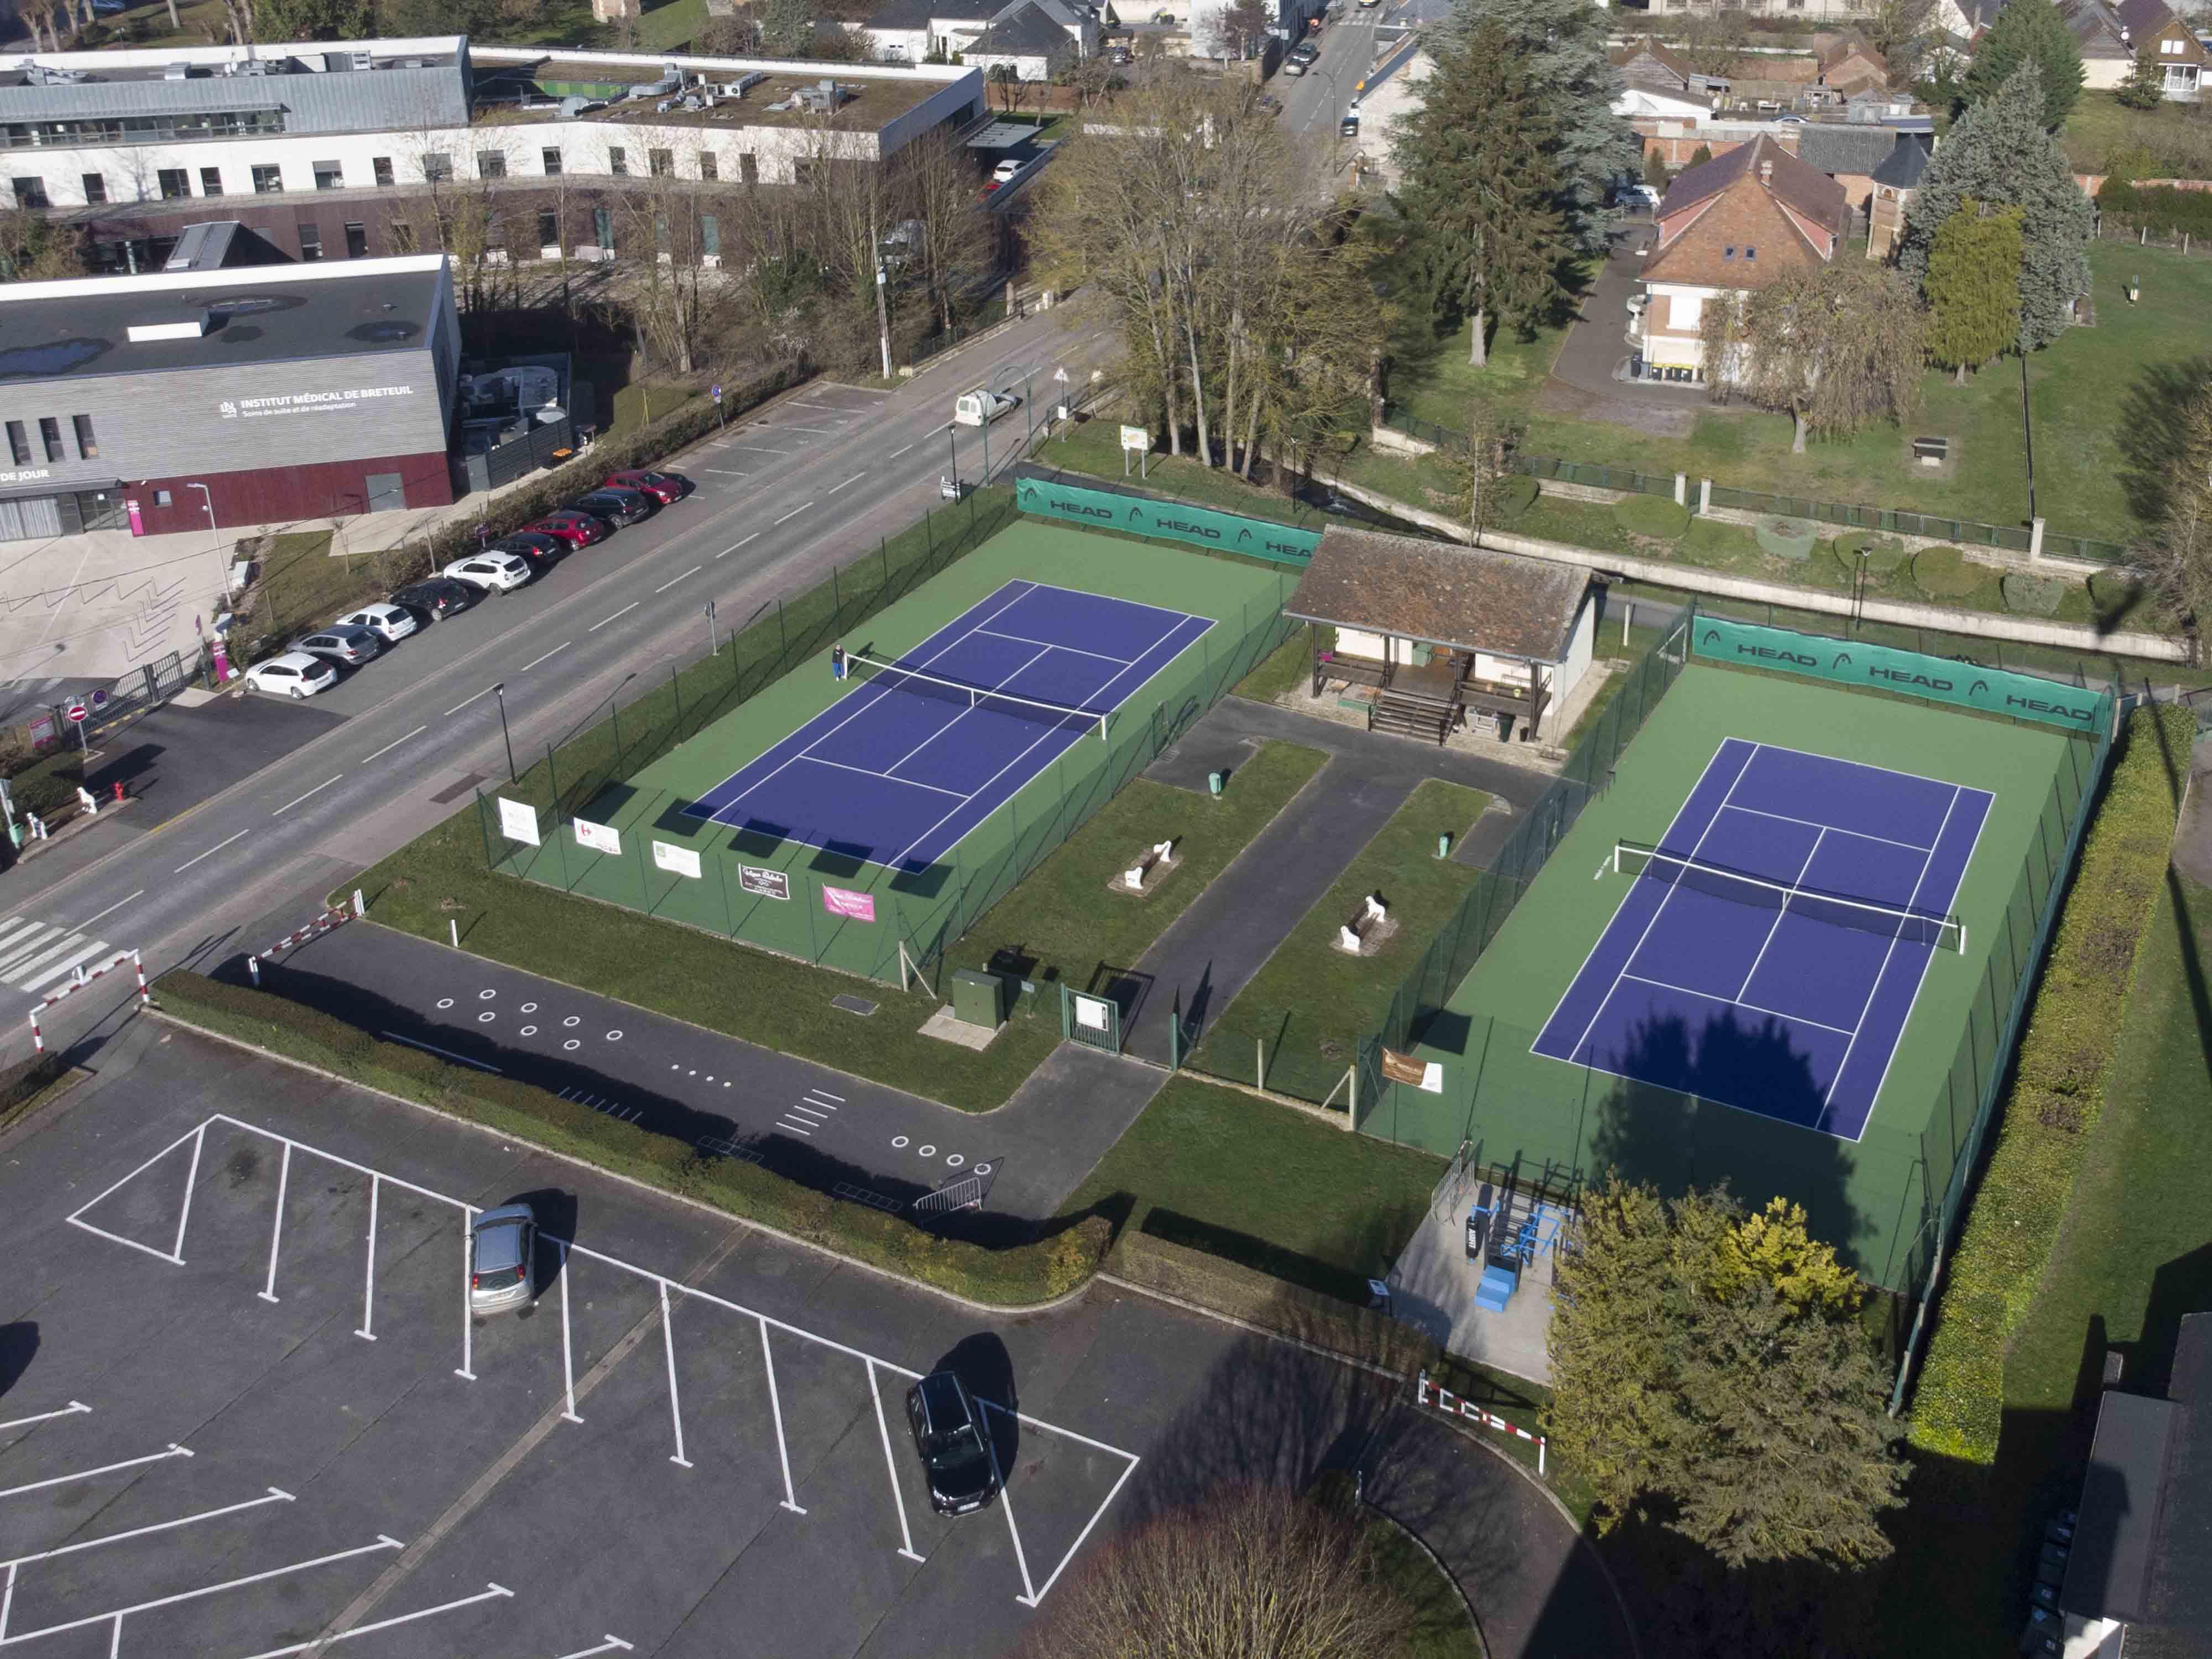 Tennis Extérieur.JPG